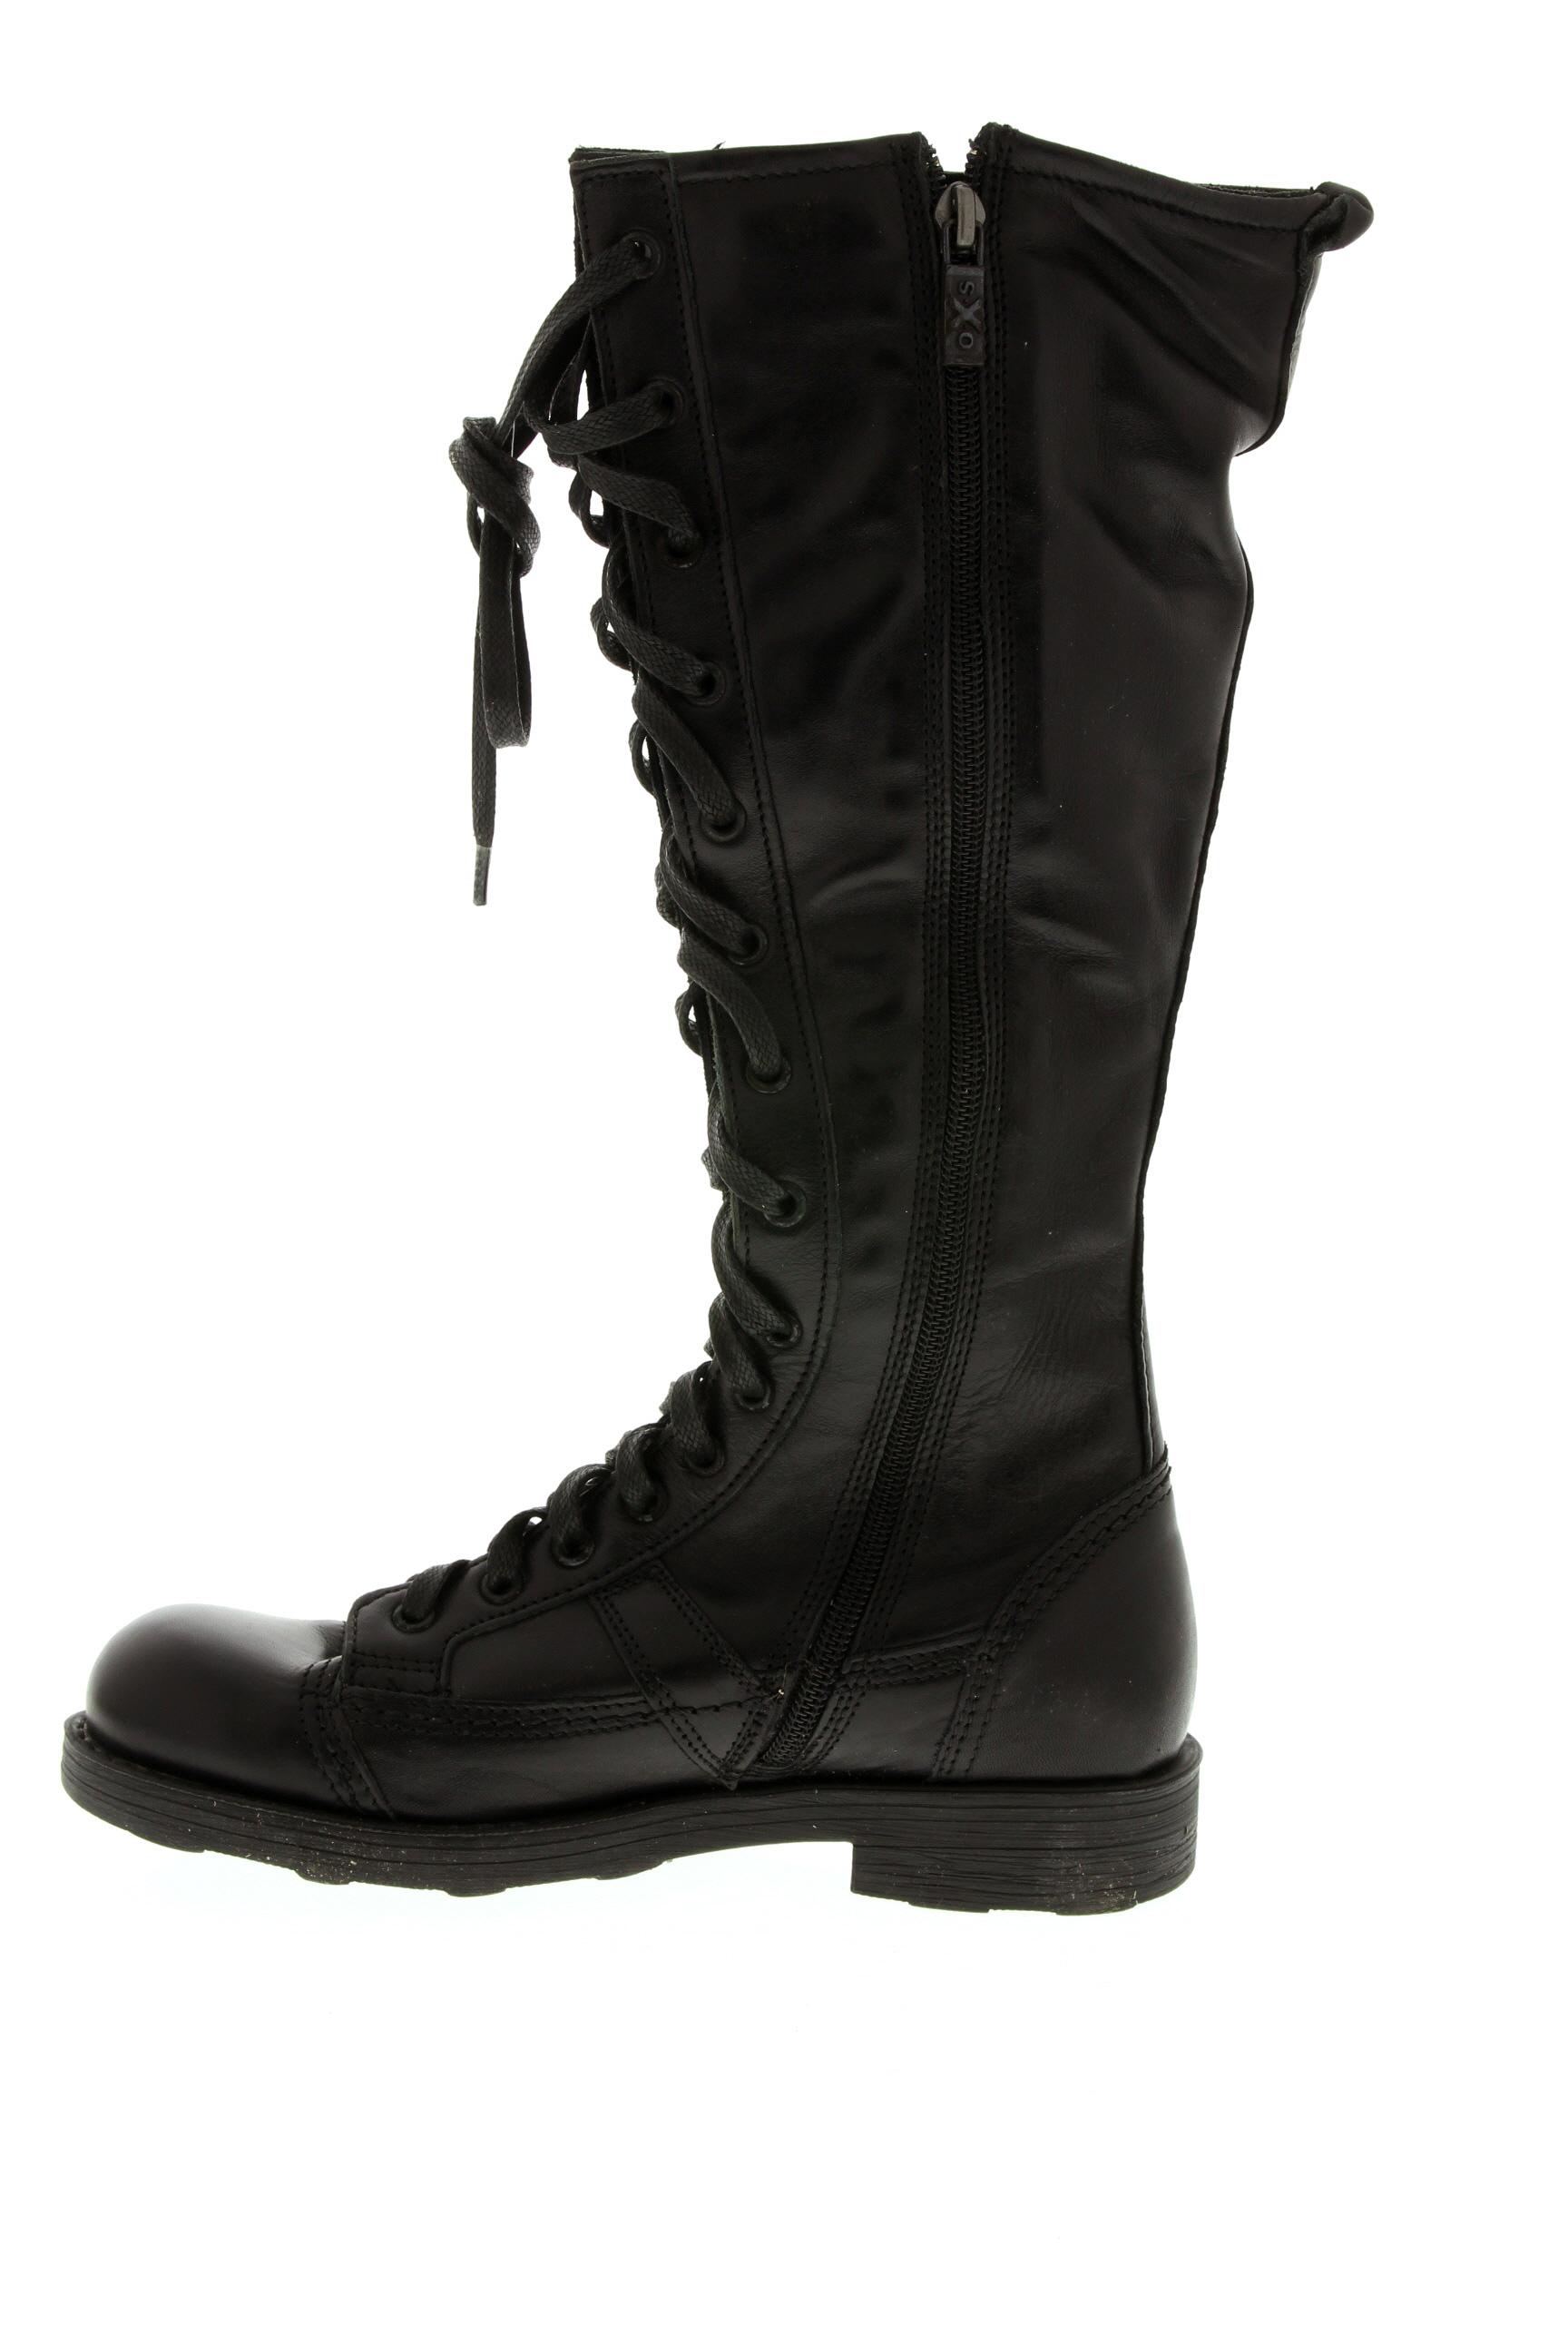 O.X.S Chaussures Bottes de couleur noir en soldes pas cher 1399557 noir00 Modz